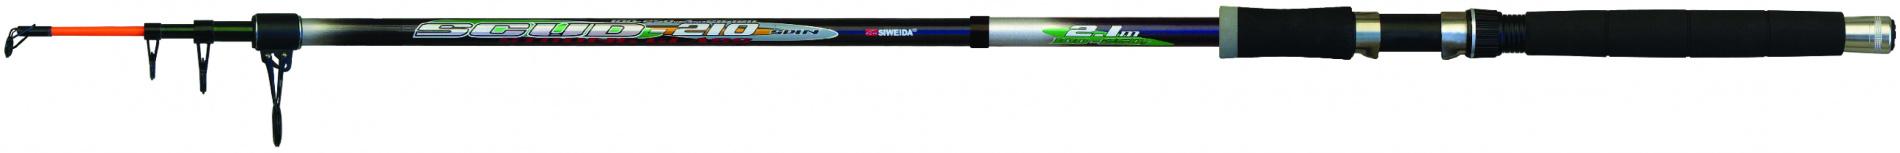 Спиннинг тел. SWD Scud 3,6м (150-300г) (скл. кольцо,чехол)Спинниги<br>Мощный телескопический спиннинг 3,6м тест <br>150-300г изготовленный из стеклопластика. <br>Мощный бланк позволяет далеко забрасывать <br>тяжелые приманки и кормушки. Может использоваться <br>как донная удочка. Наличие последнего складного <br>кольца снижает вероятность повреждения <br>спиннинга при транспортировке. Комплектуется <br>чехлом.<br>